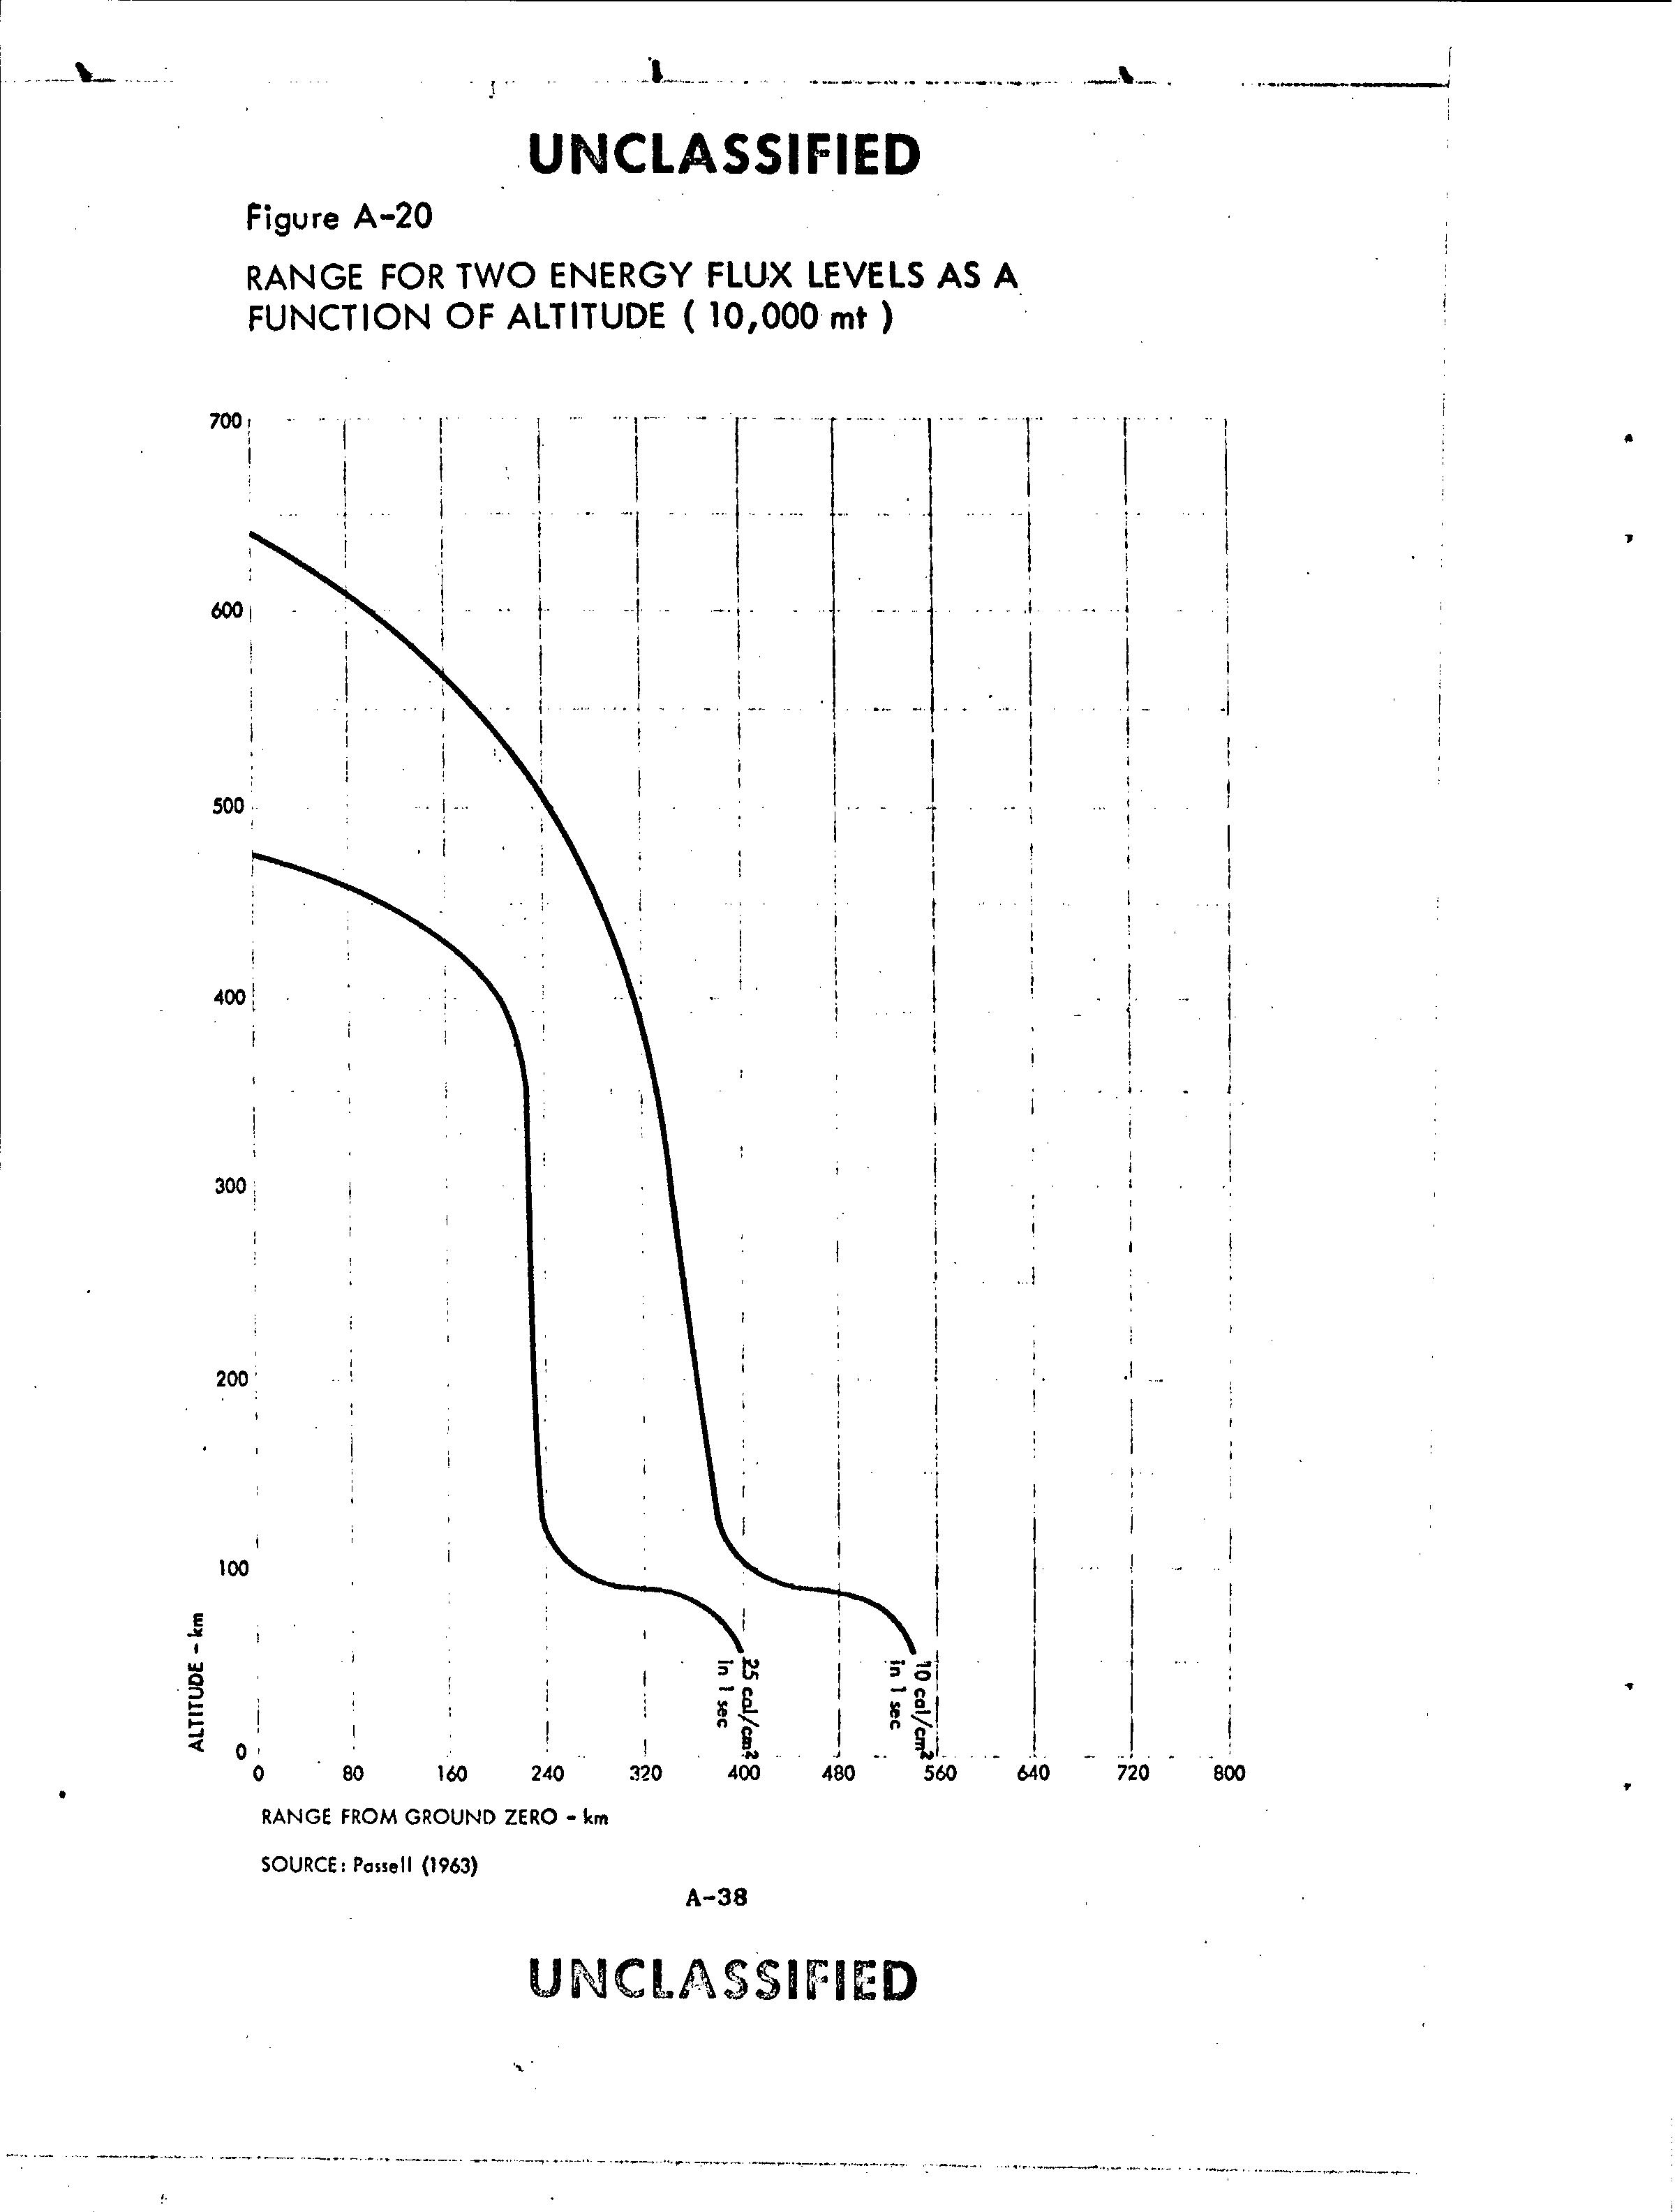 Таблица демонстрирует изменение двух пороговых уровней термального излучения на поверхности Земли — 10 калорий на см2 и 25 калорий на см2 — для космического взрыва мощностью в 10 гигатонн (10000 мегатонн). По вертикали приведена высота взрыва в километрах, по горизонтали — расстояние от проекции эпицентра в километрах.